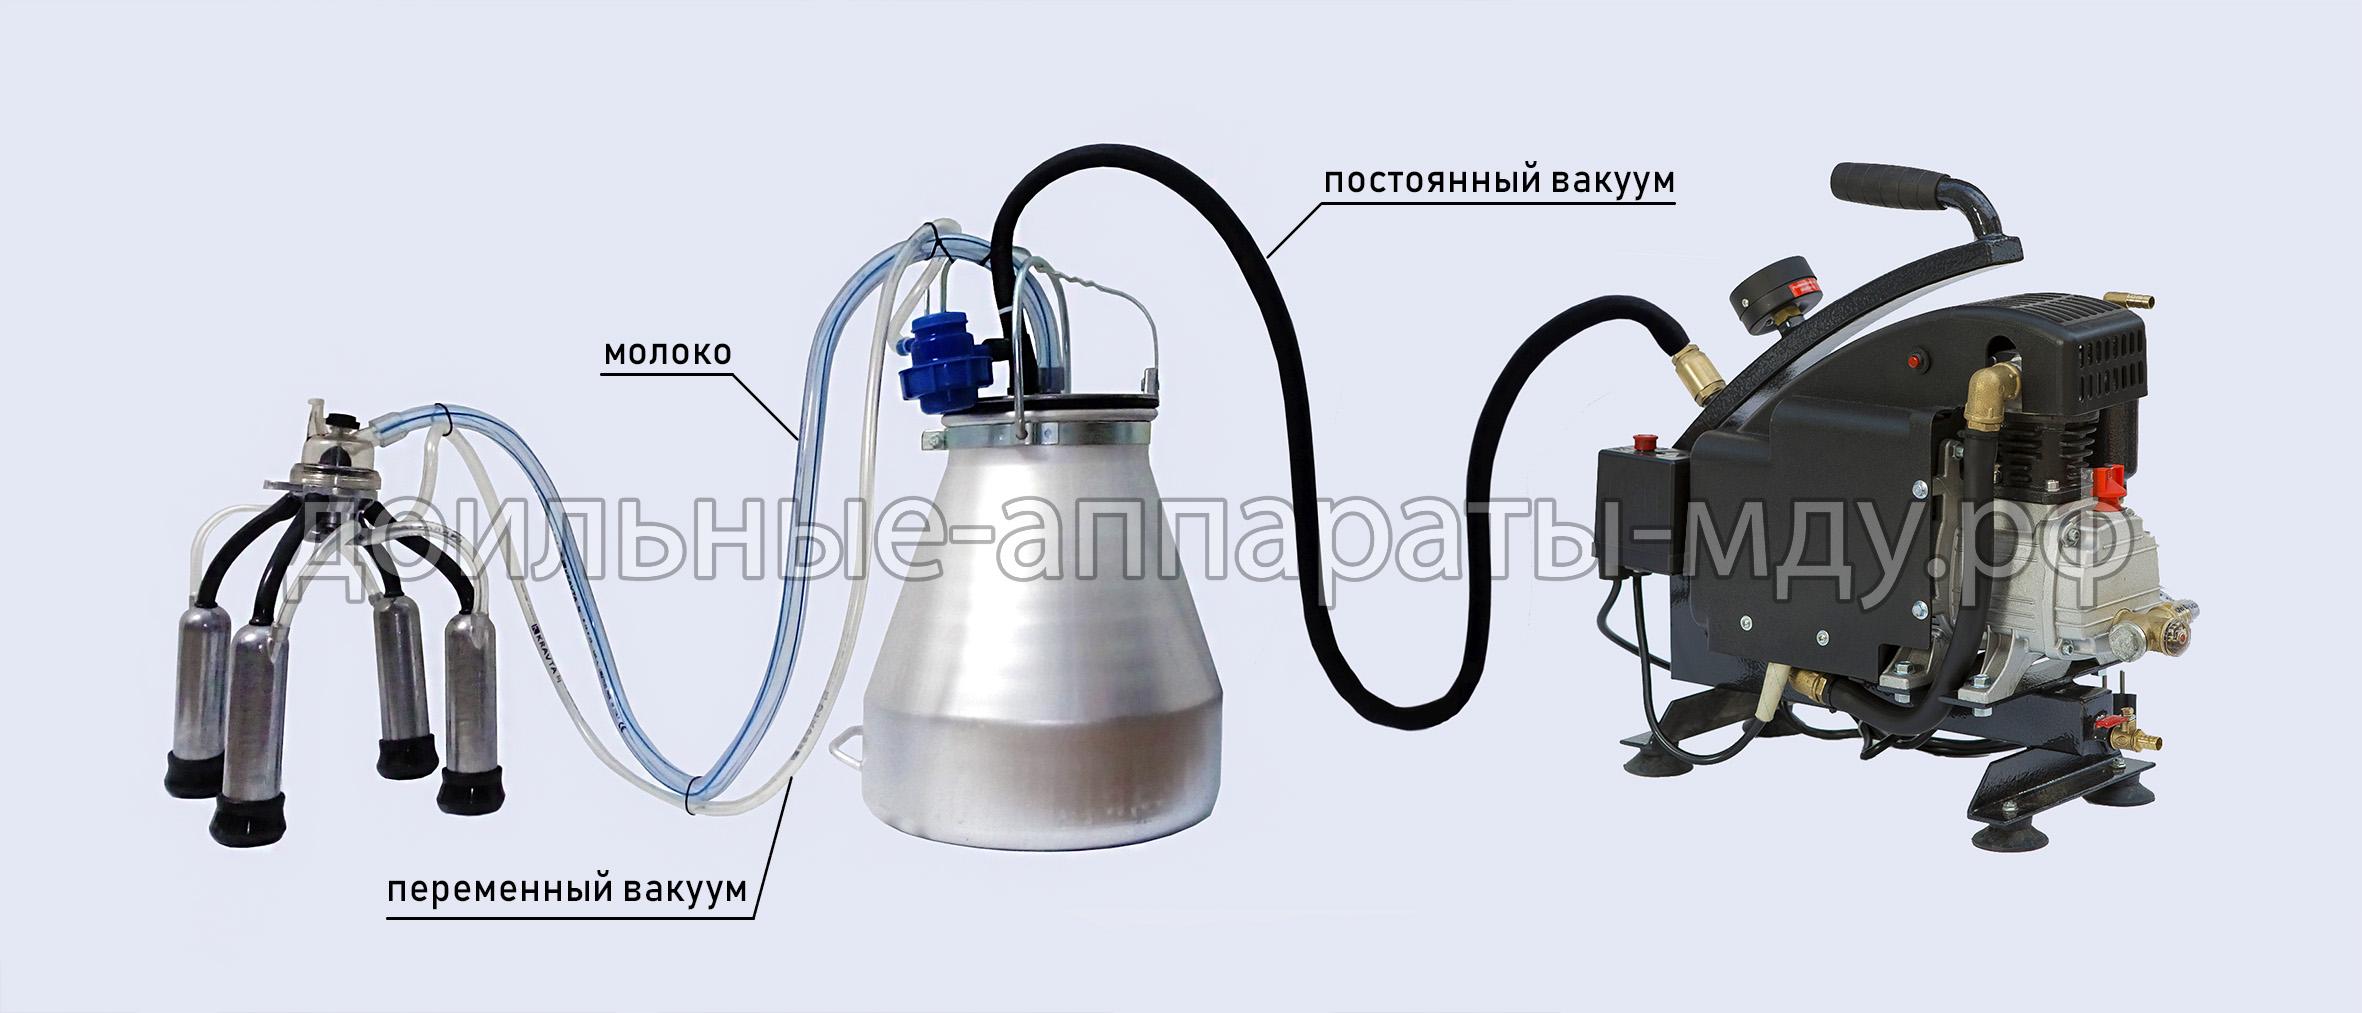 Как работает вакуумный насос для доильного аппарата массажер подушка купить москва